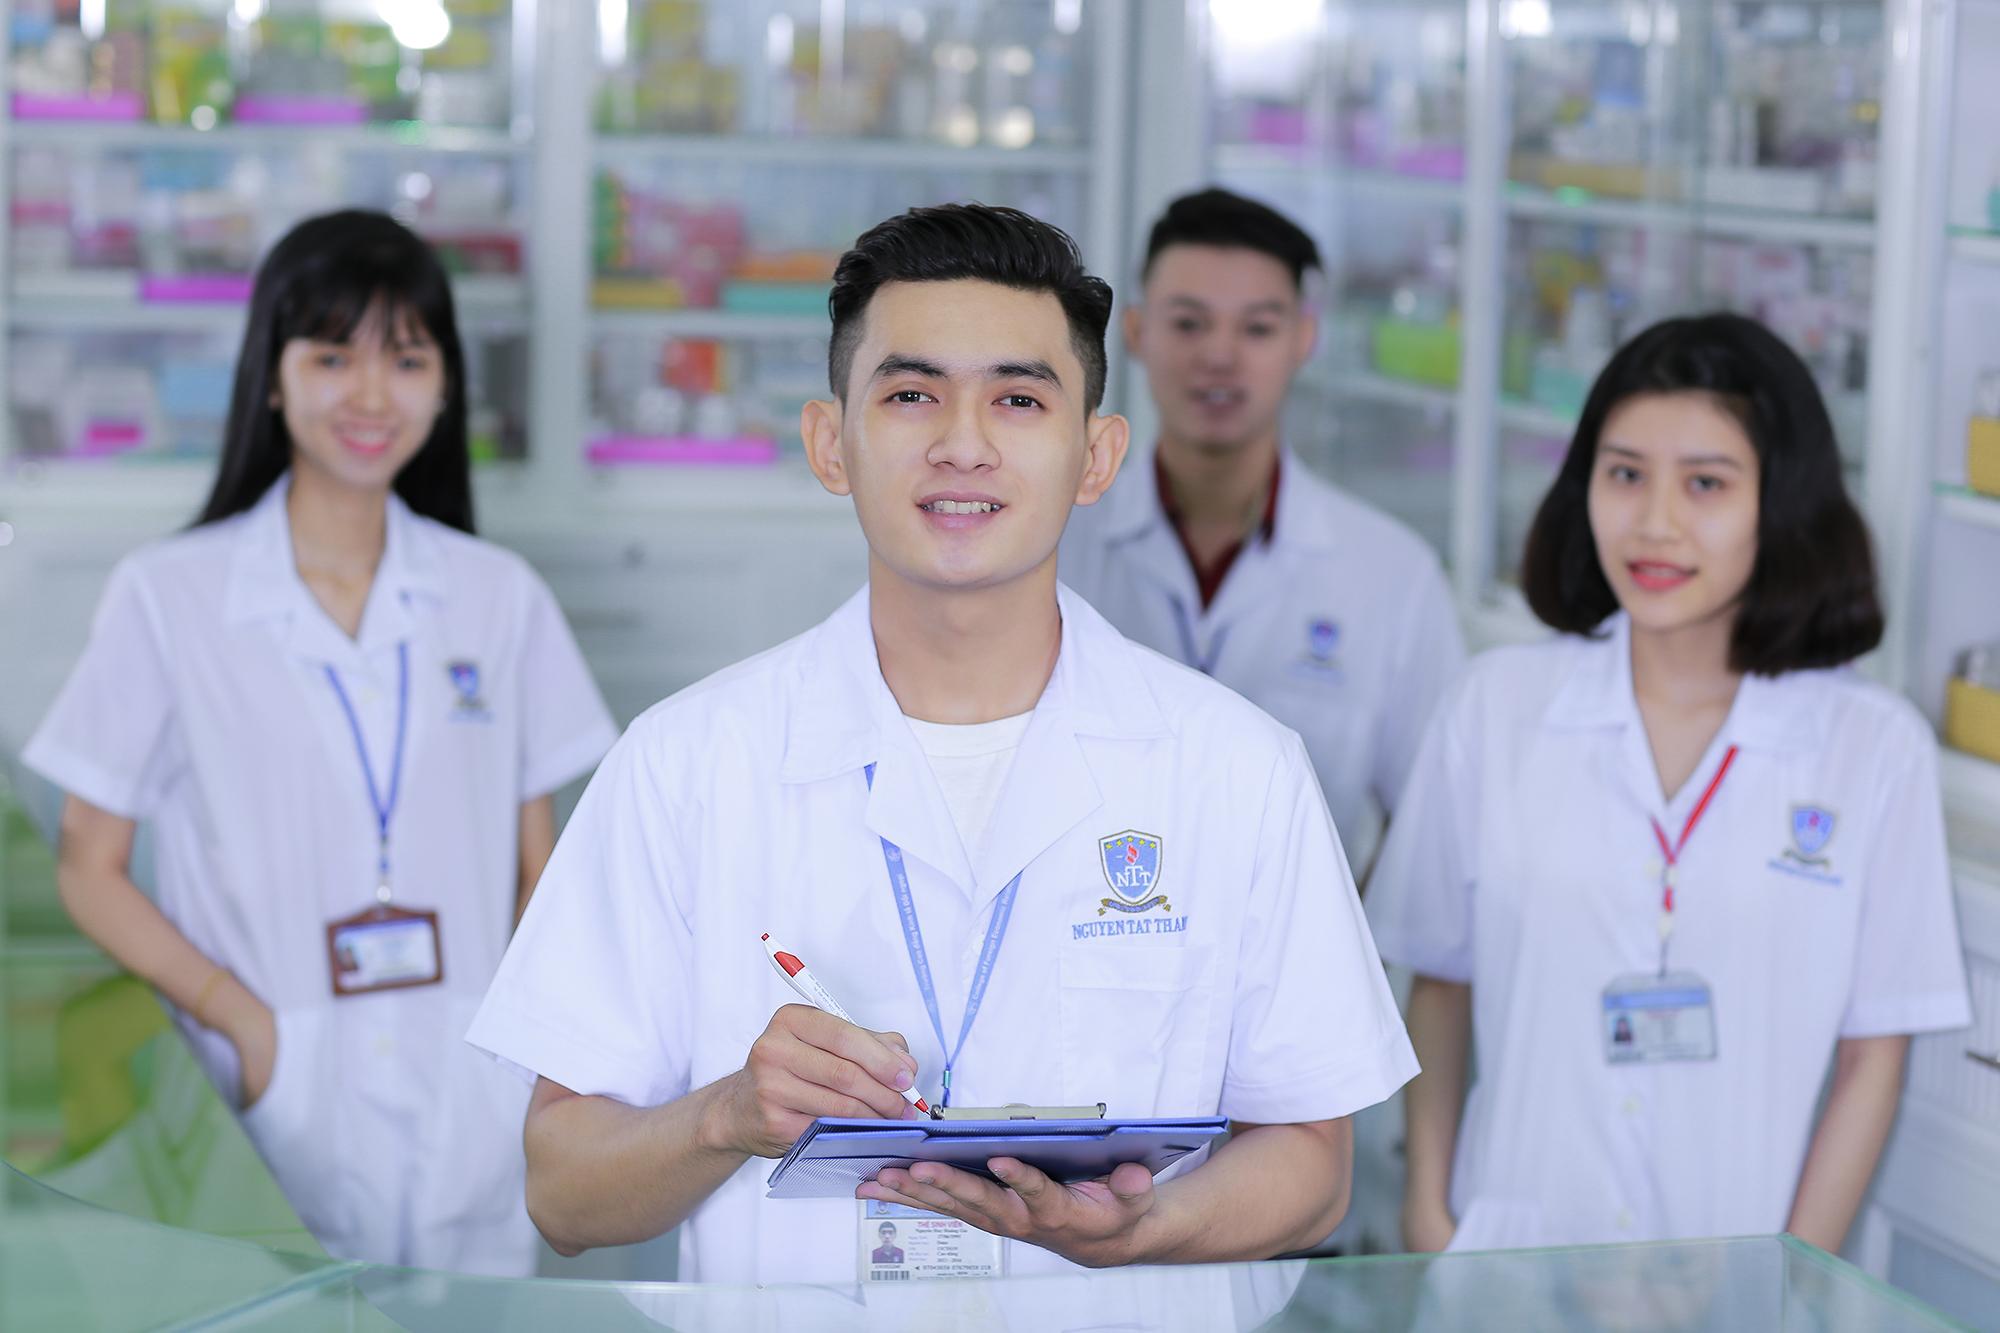 Học thêm văn bằng 2 cao đẳng dược để tăng cơ hội việc làm